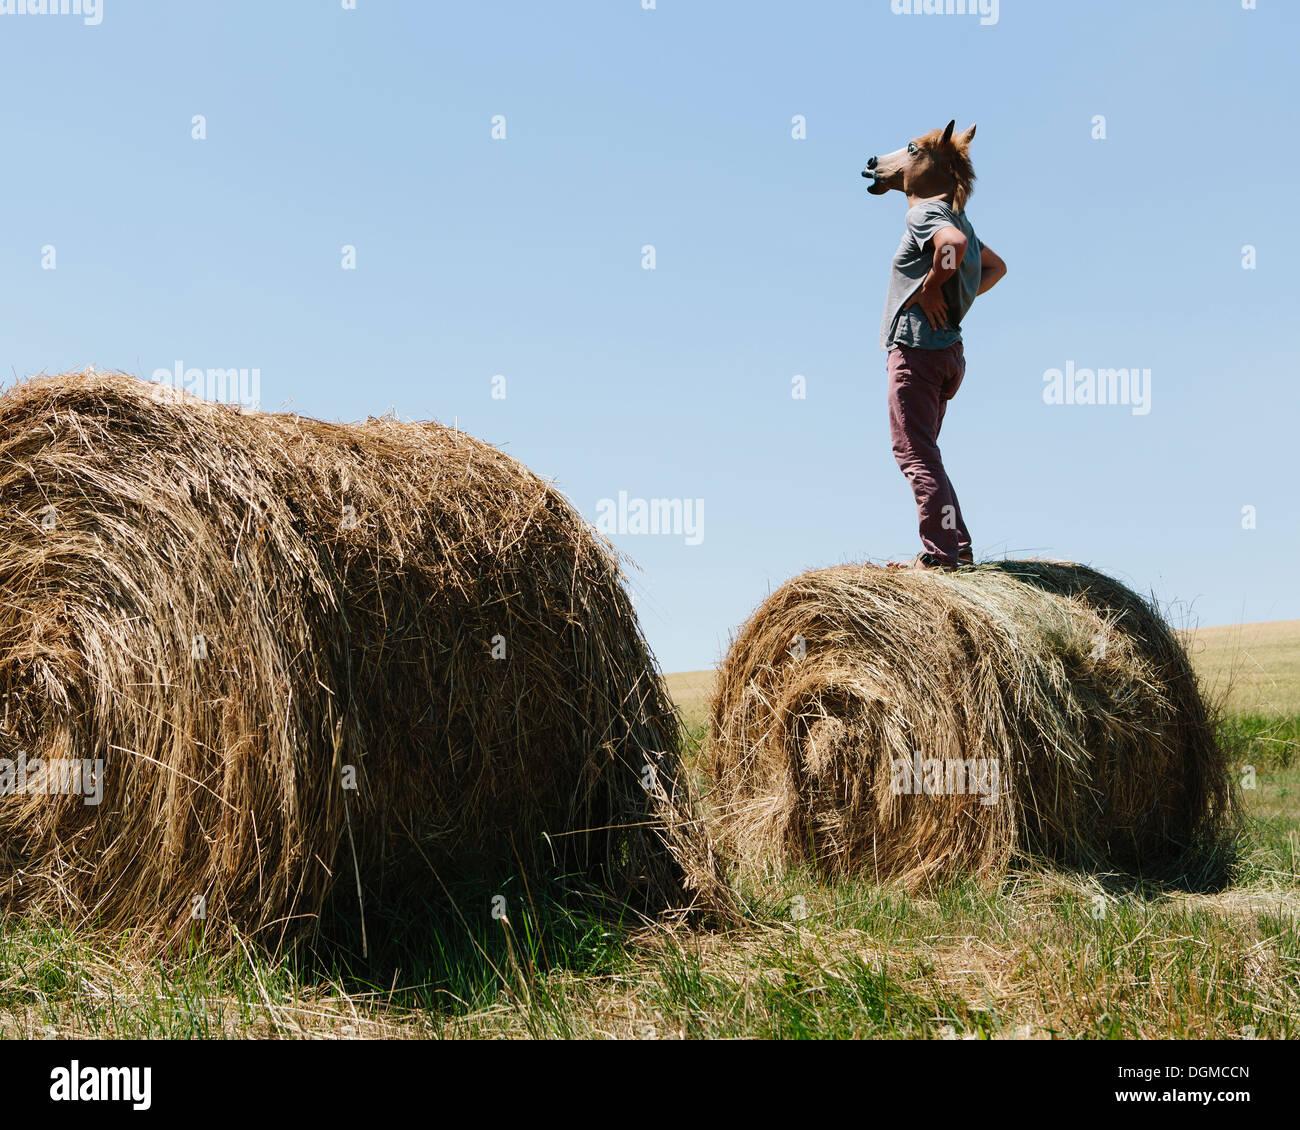 Un homme portant un masque de cheval, debout sur une balle de foin, avec vue sur les terres agricoles. Photo Stock